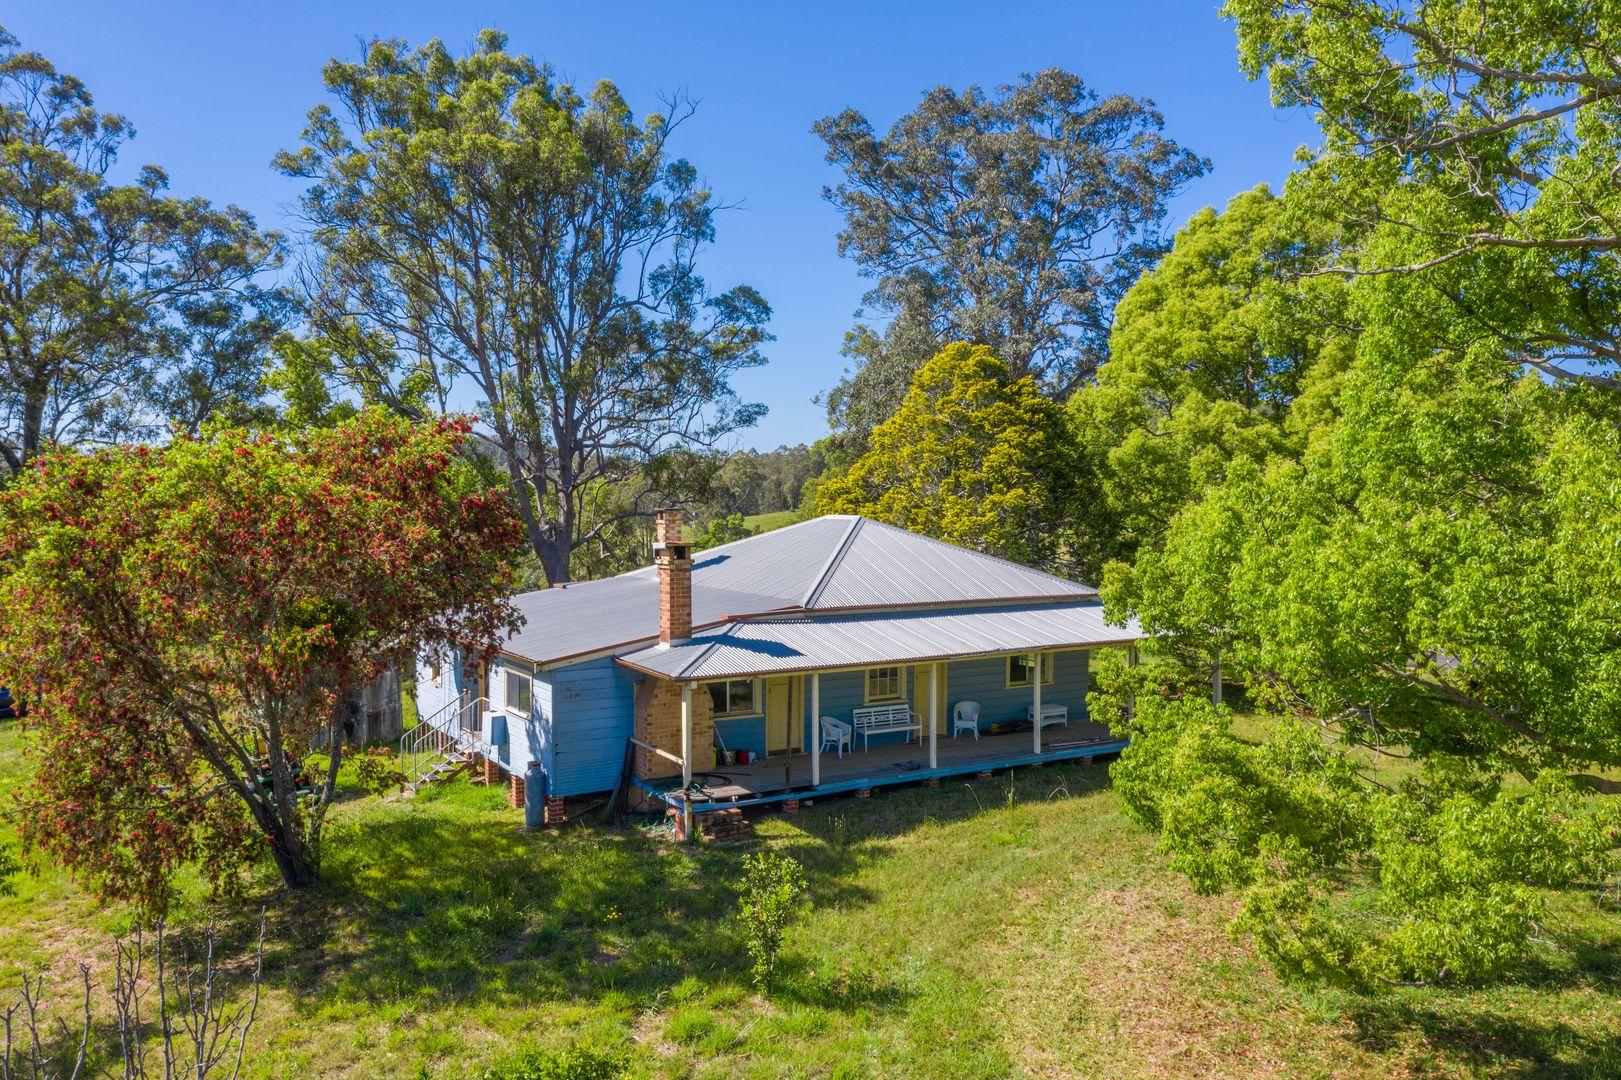 1596 Rollands Plains Rd, Rollands Plains NSW 2441, Image 1